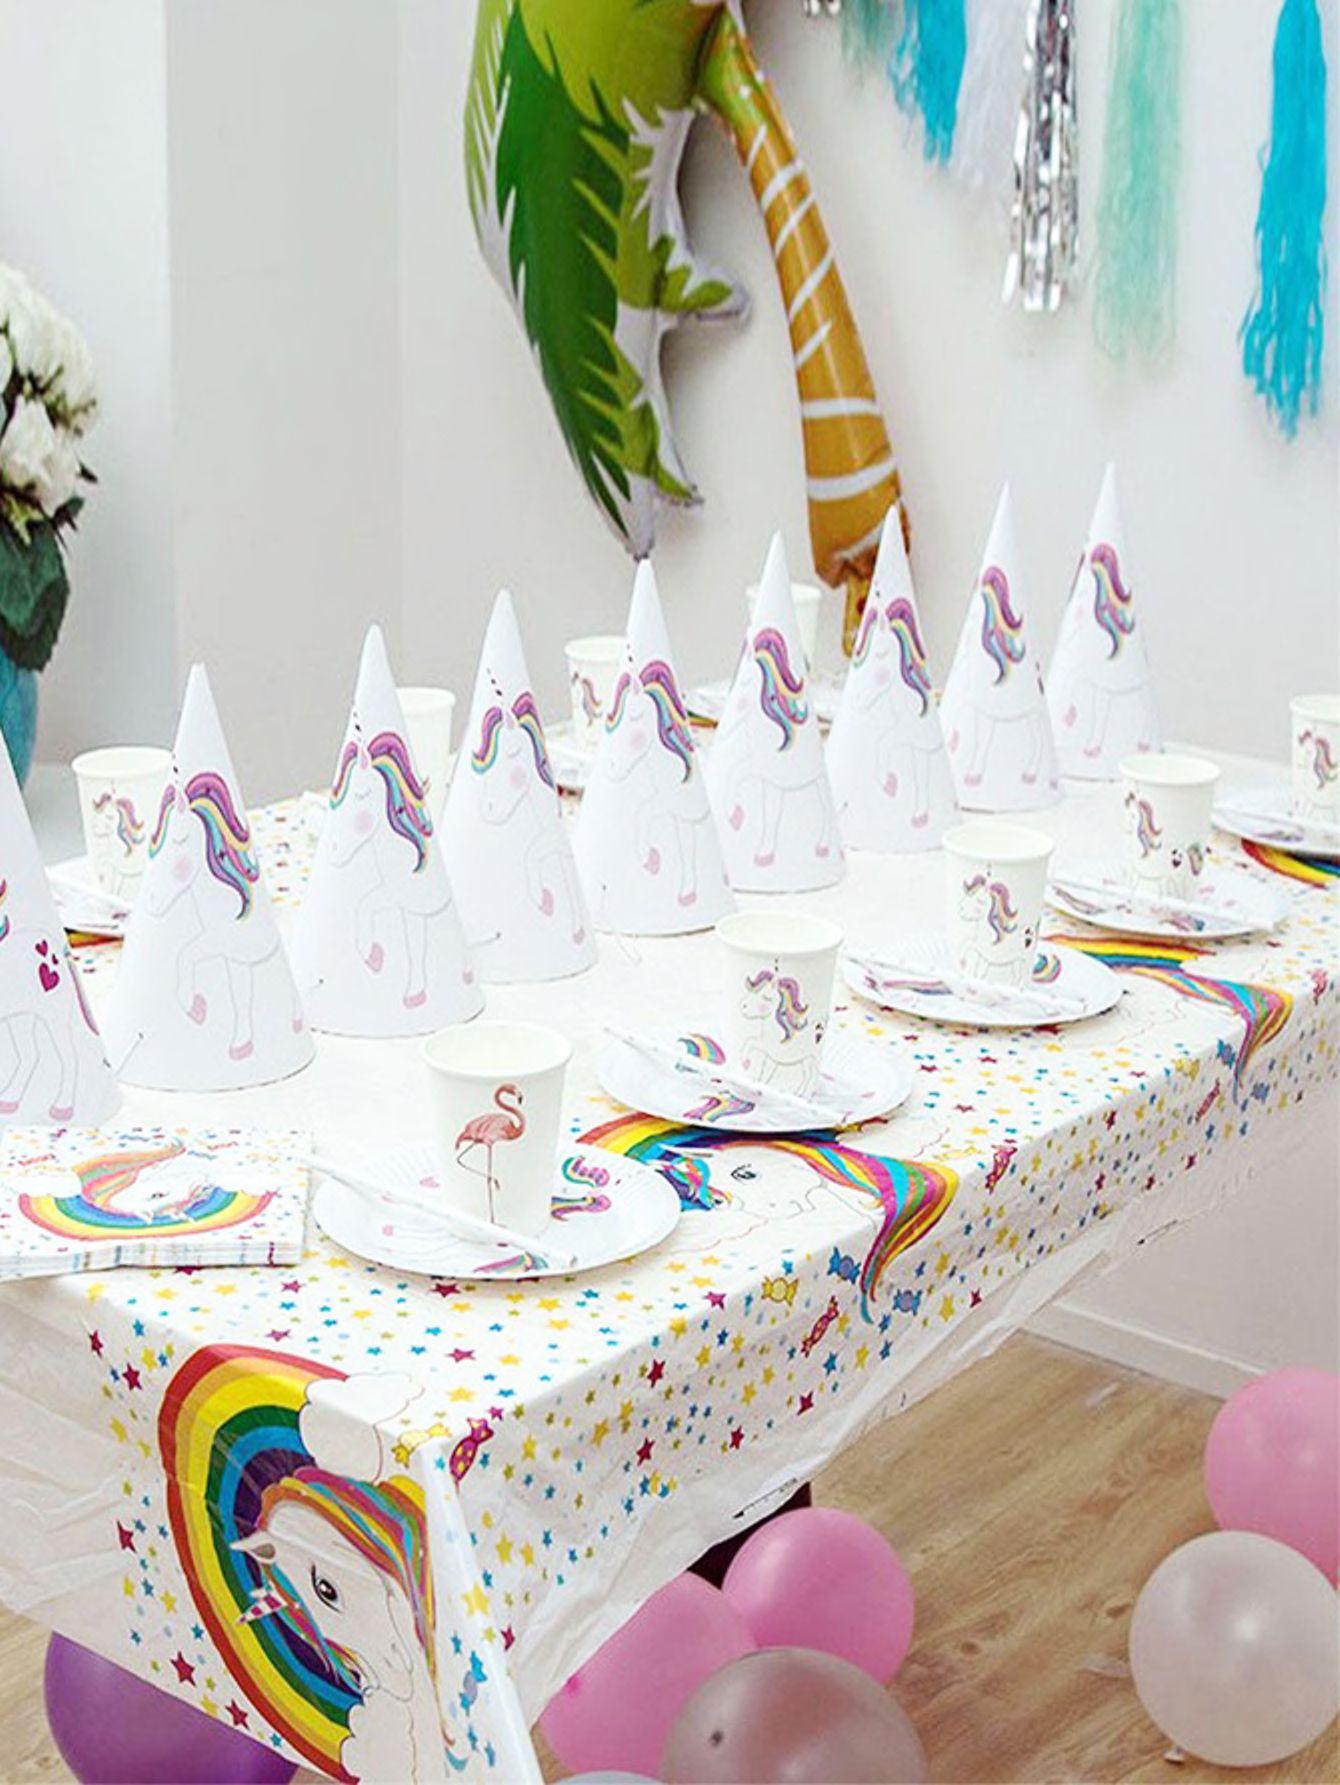 قطعة واحدة مفرش طاولة قابل للتصريف وبطباعة وحيد القرن تحقق من هذا قطعة واحدة مفرش طاولة قابل للتصري Party Table Cloth Unicorn Theme Party Diy Party Decorations